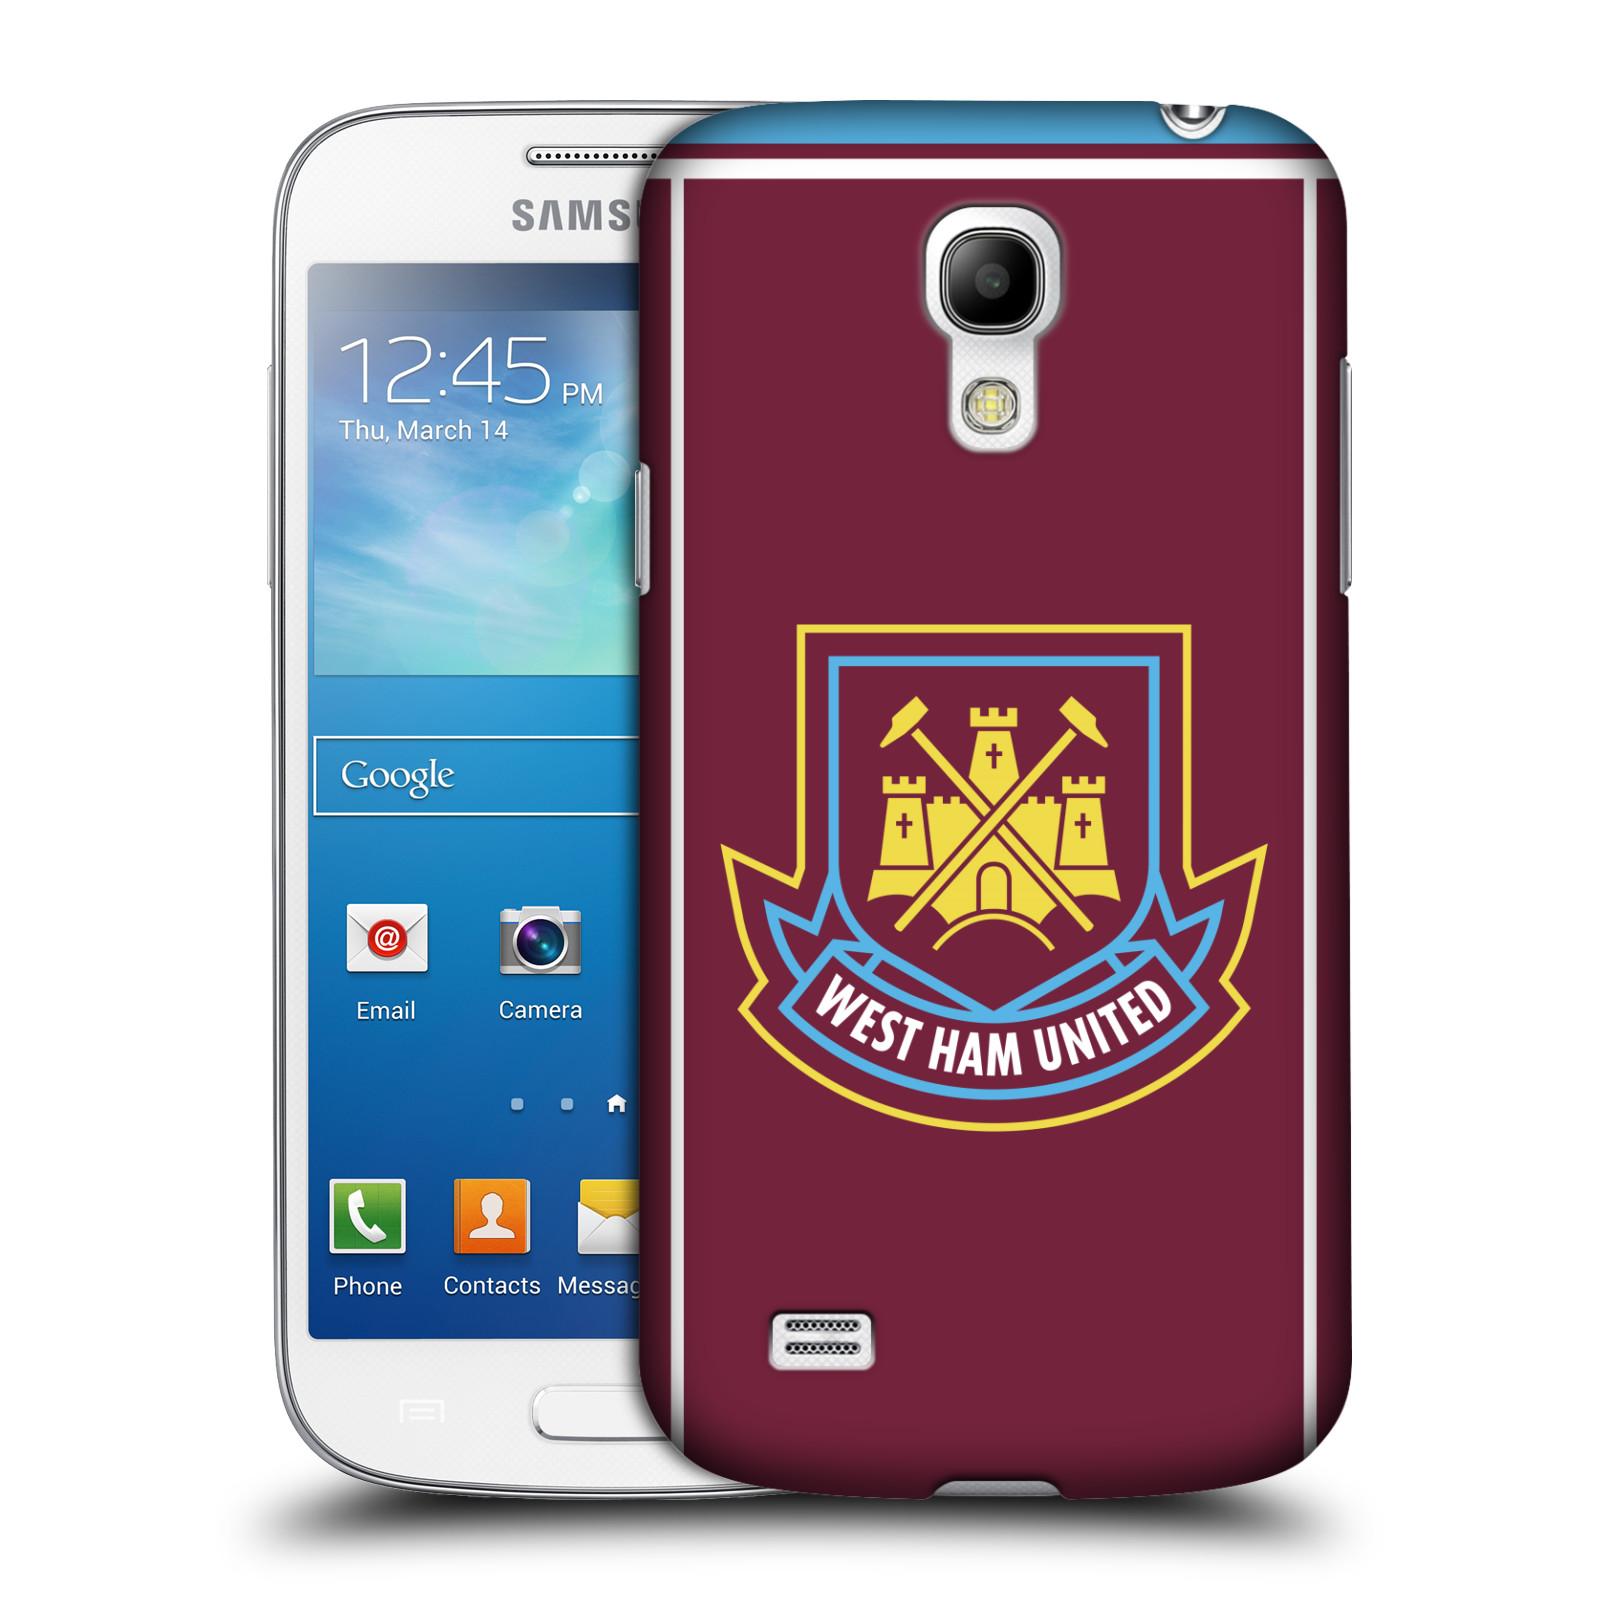 Plastové pouzdro na mobil Samsung Galaxy S4 Mini - Head Case - West Ham United - Retro znak (Plastový kryt či obal na mobilní telefon s motivem West Ham United - Kladiváři - Retro znak pro Samsung Galaxy S4 Mini GT-i9195 / i9190)